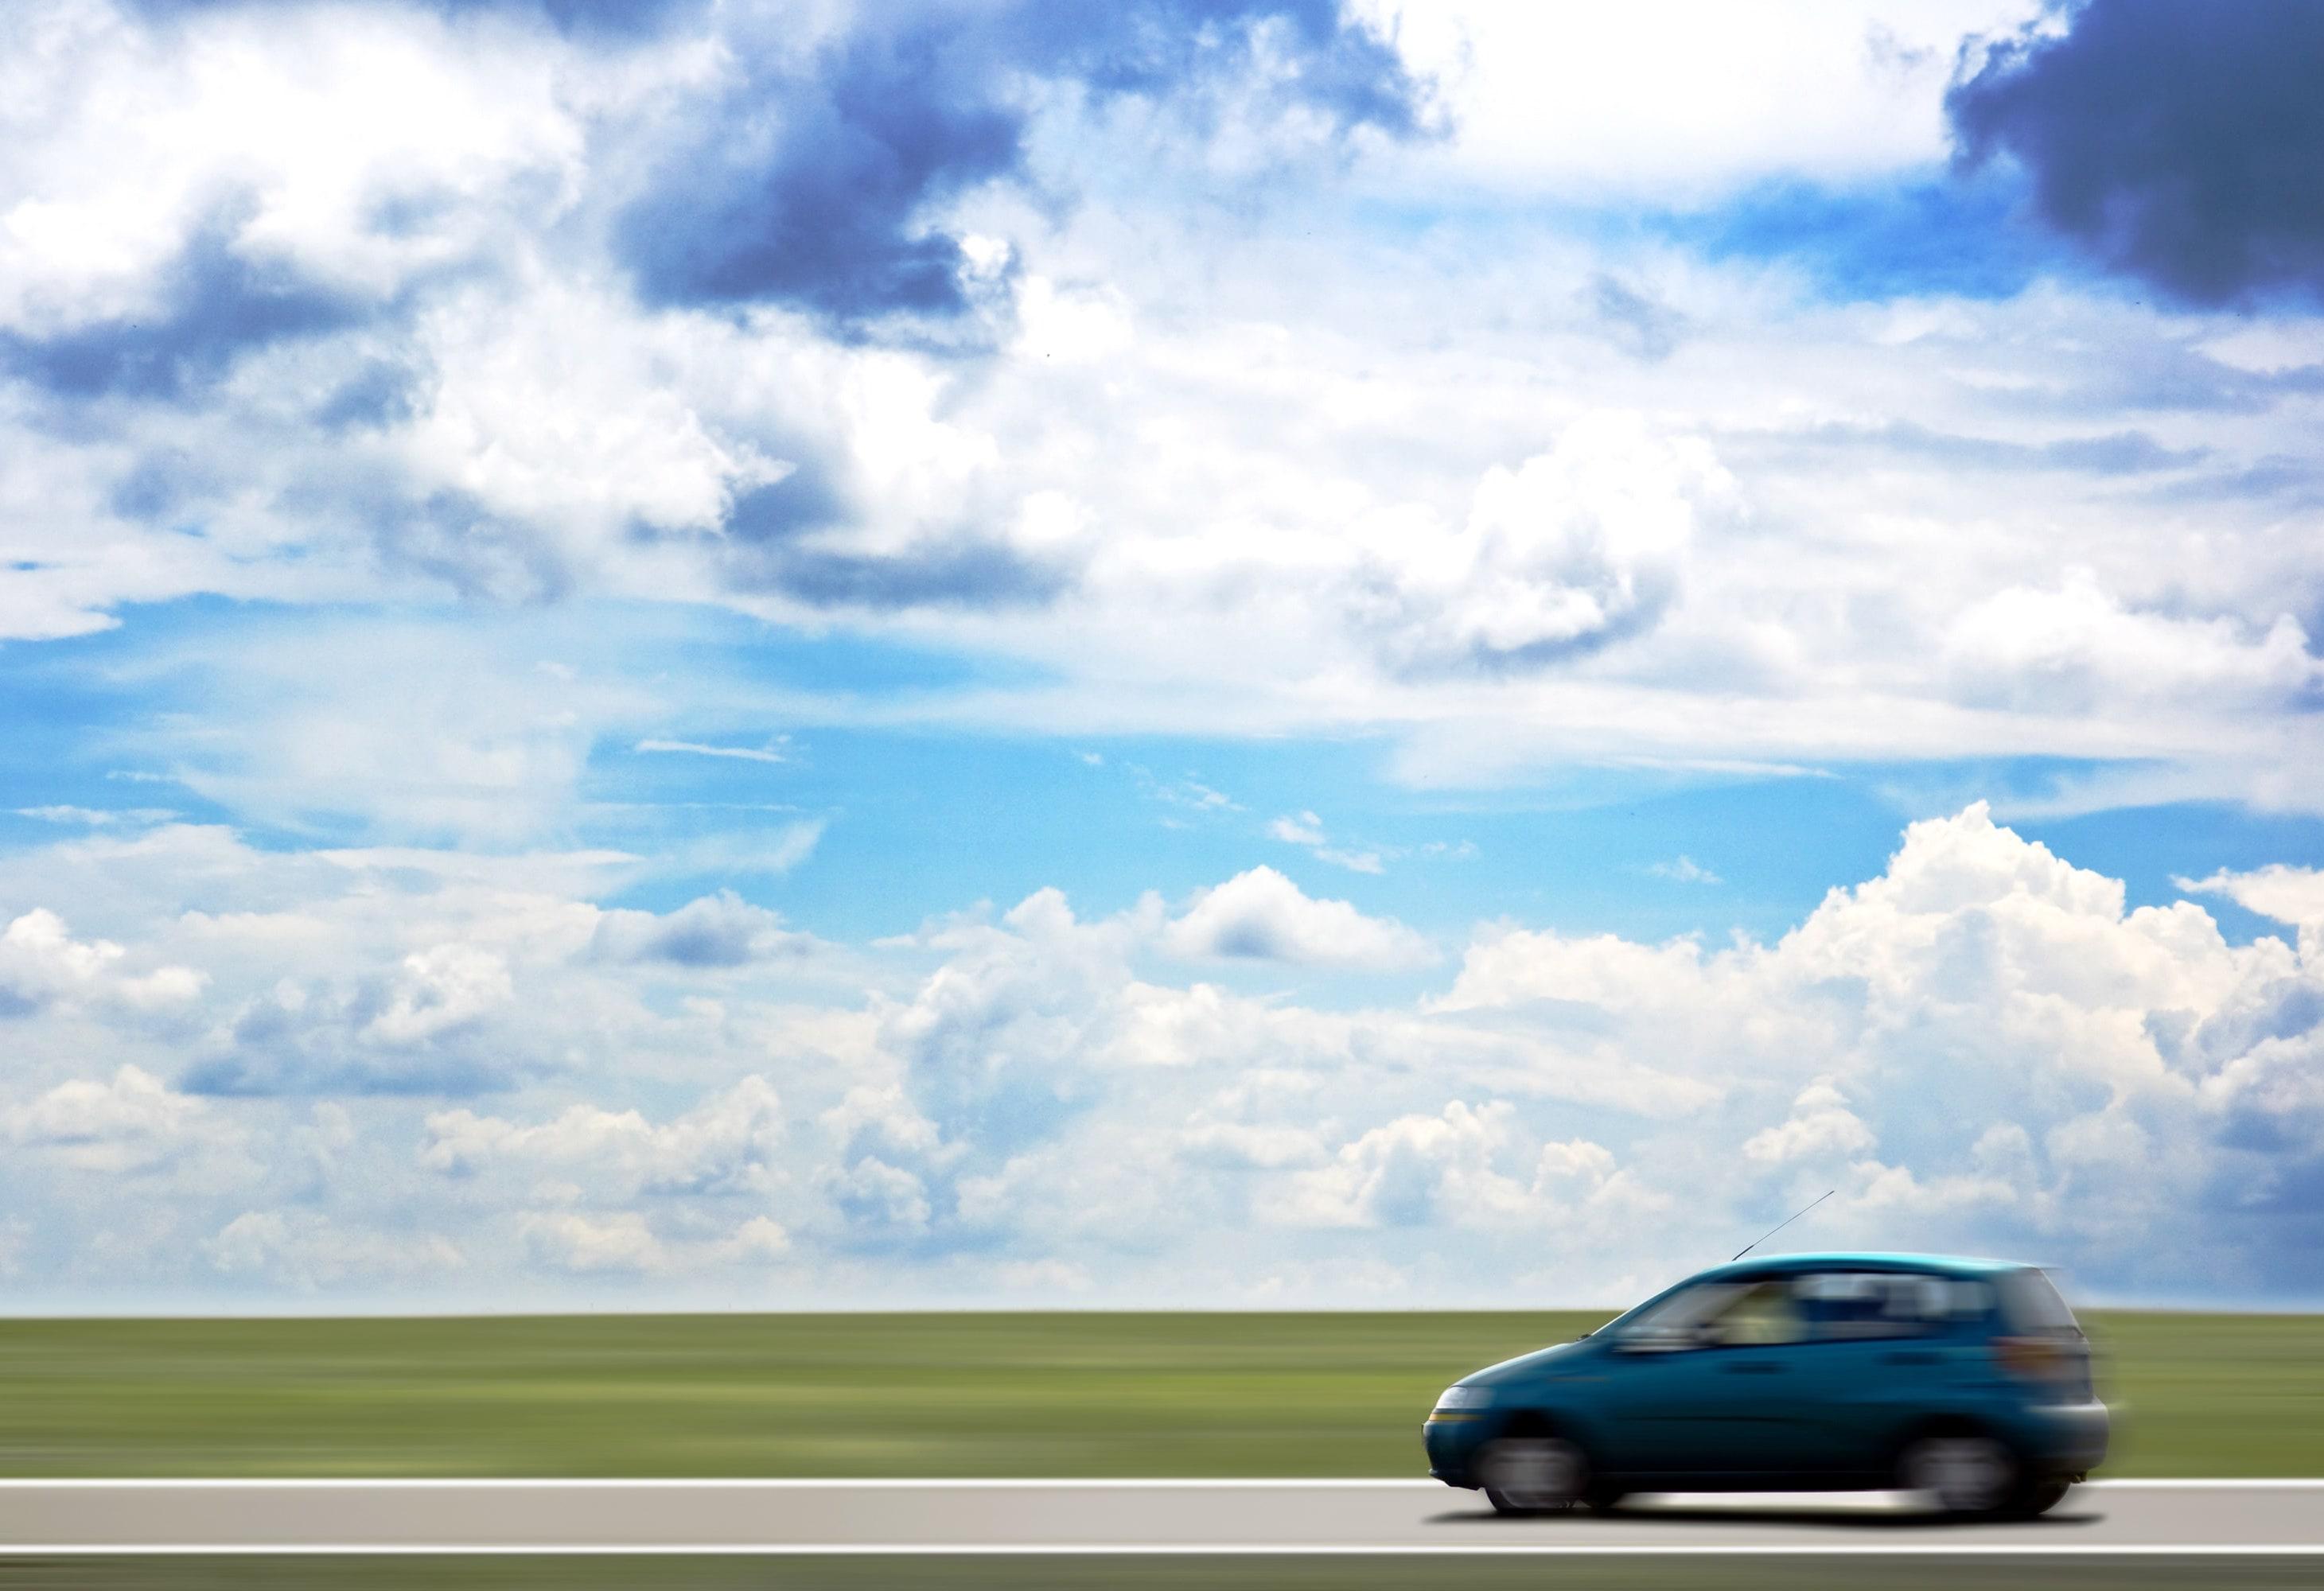 「ウェイク」の中古車を自社ローンで購入した方の車両価格相場と口コミ(体験談)